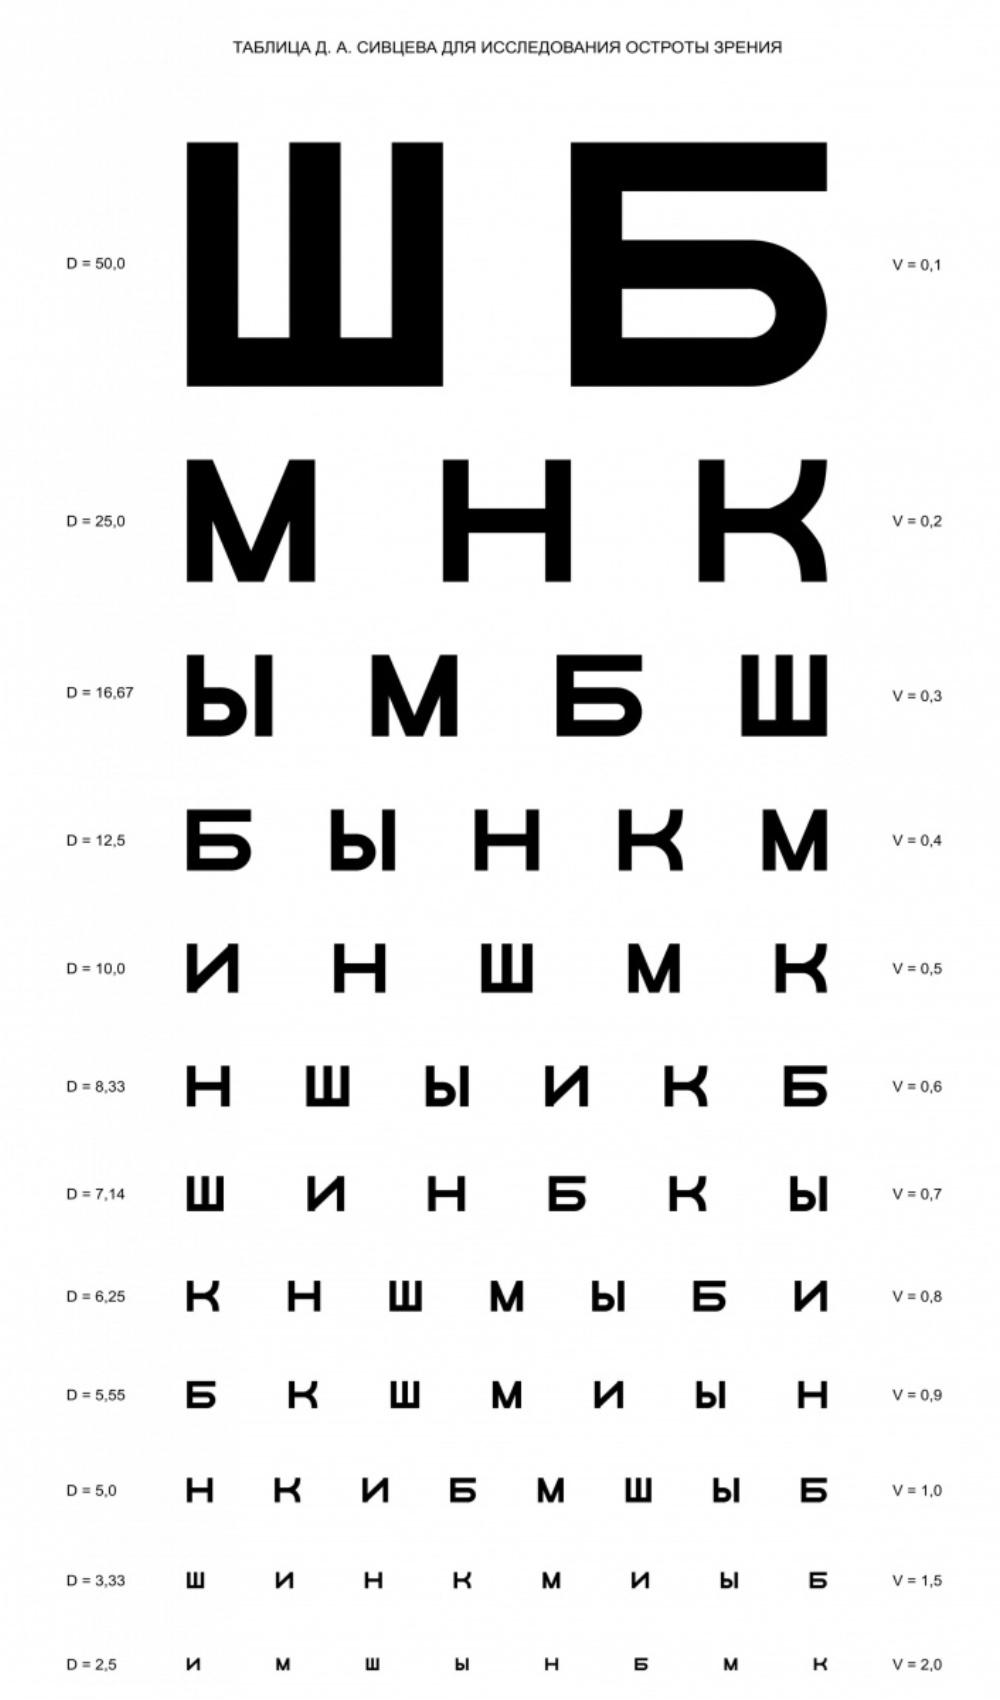 Таблица проверки зрения распечатать а4